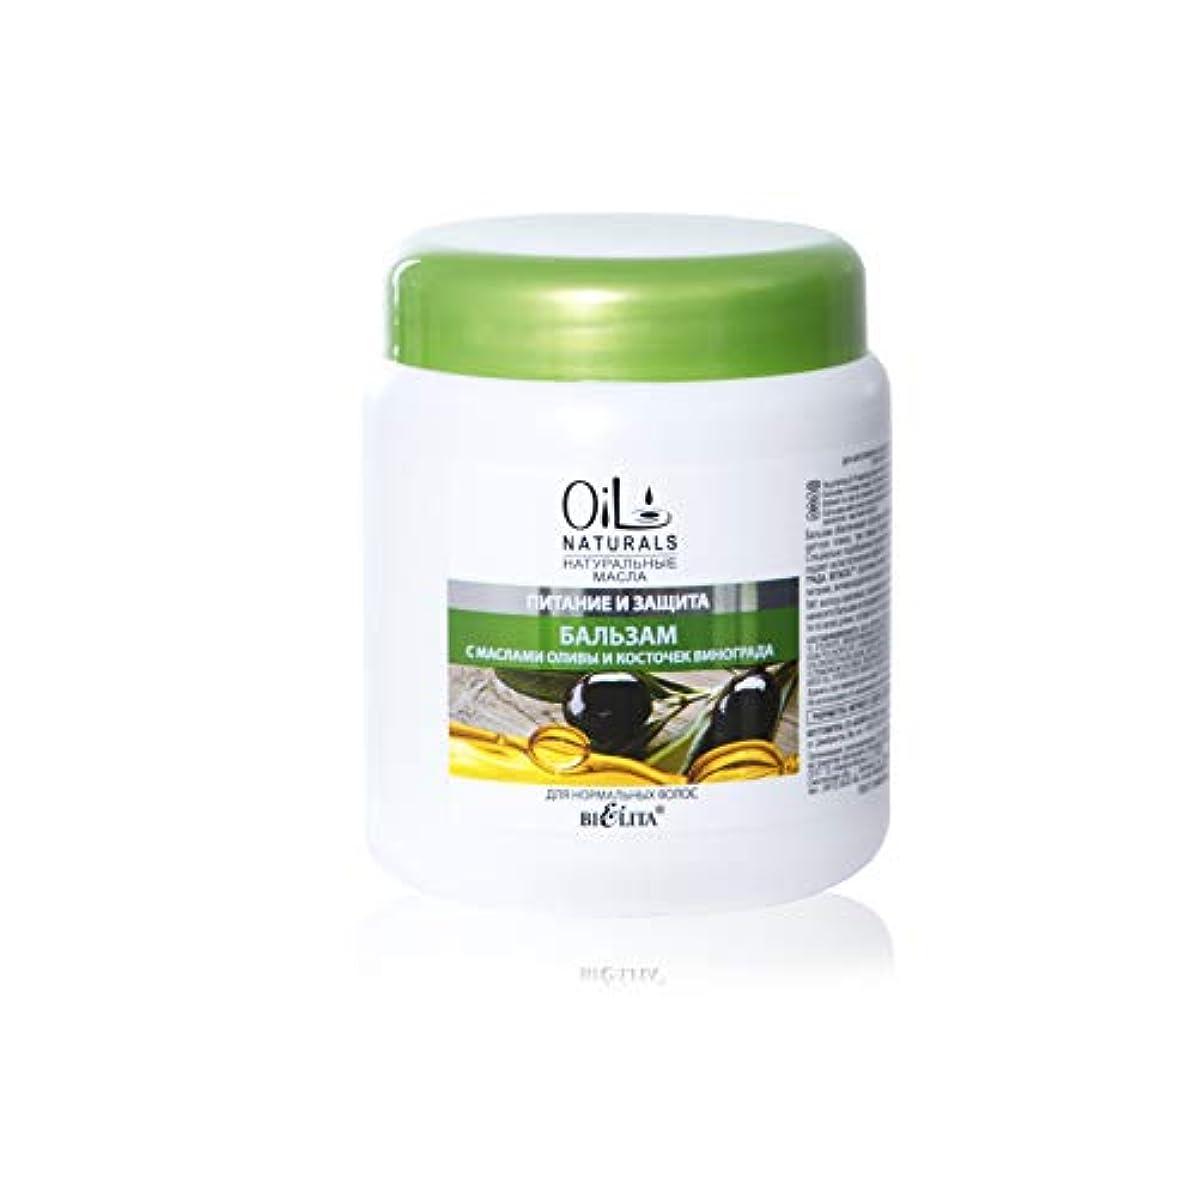 運賃方言移住するBielita & Vitex Oil Naturals Line | Nutrition & Protection Balm for Normal Hair, 450 ml | Grape Seed Oil, Silk...